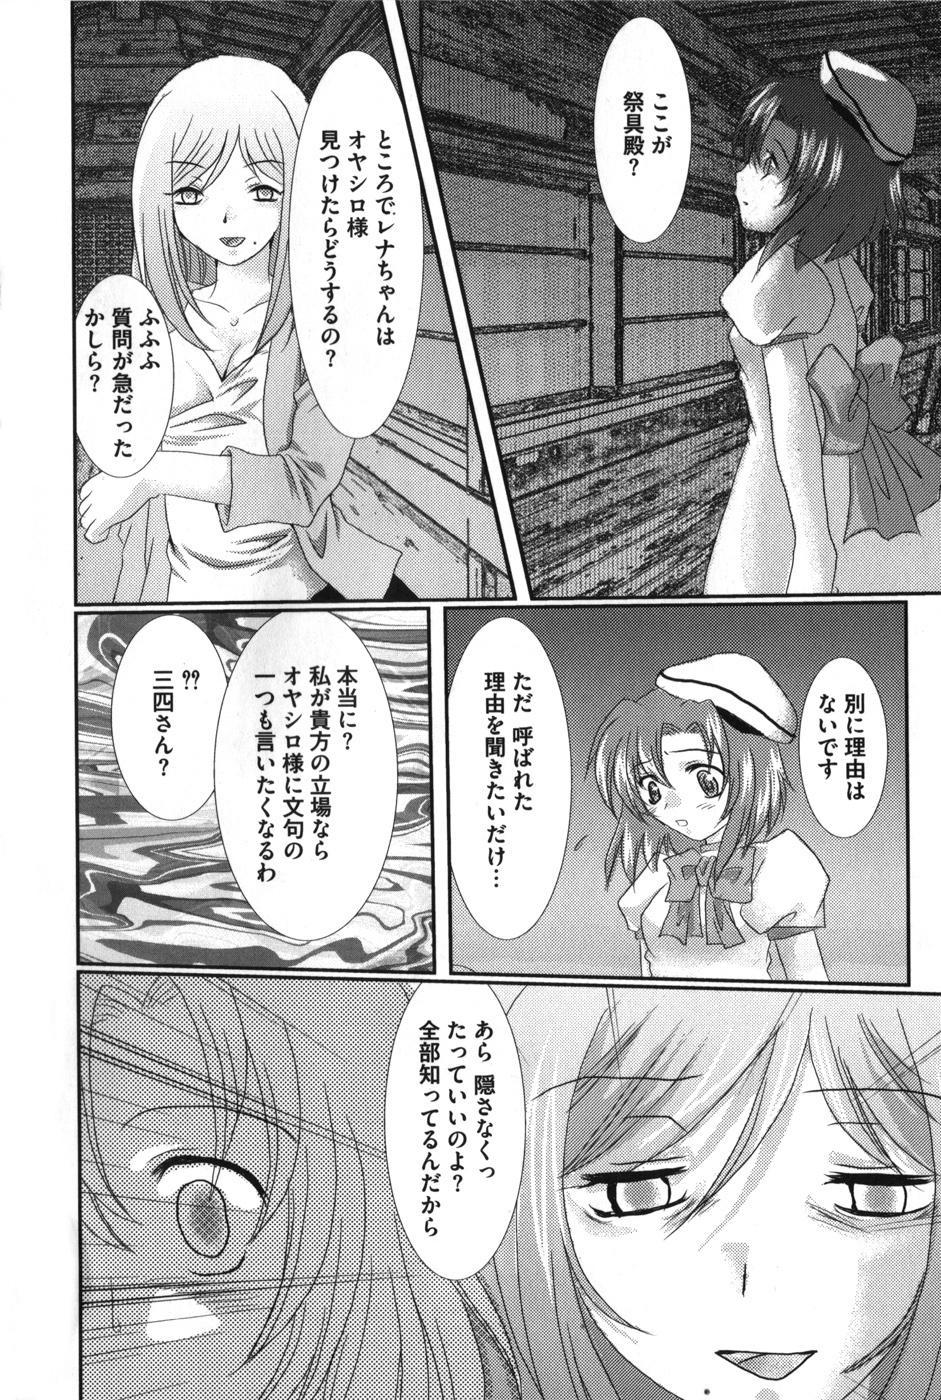 HiguERO no naku koro ni 82